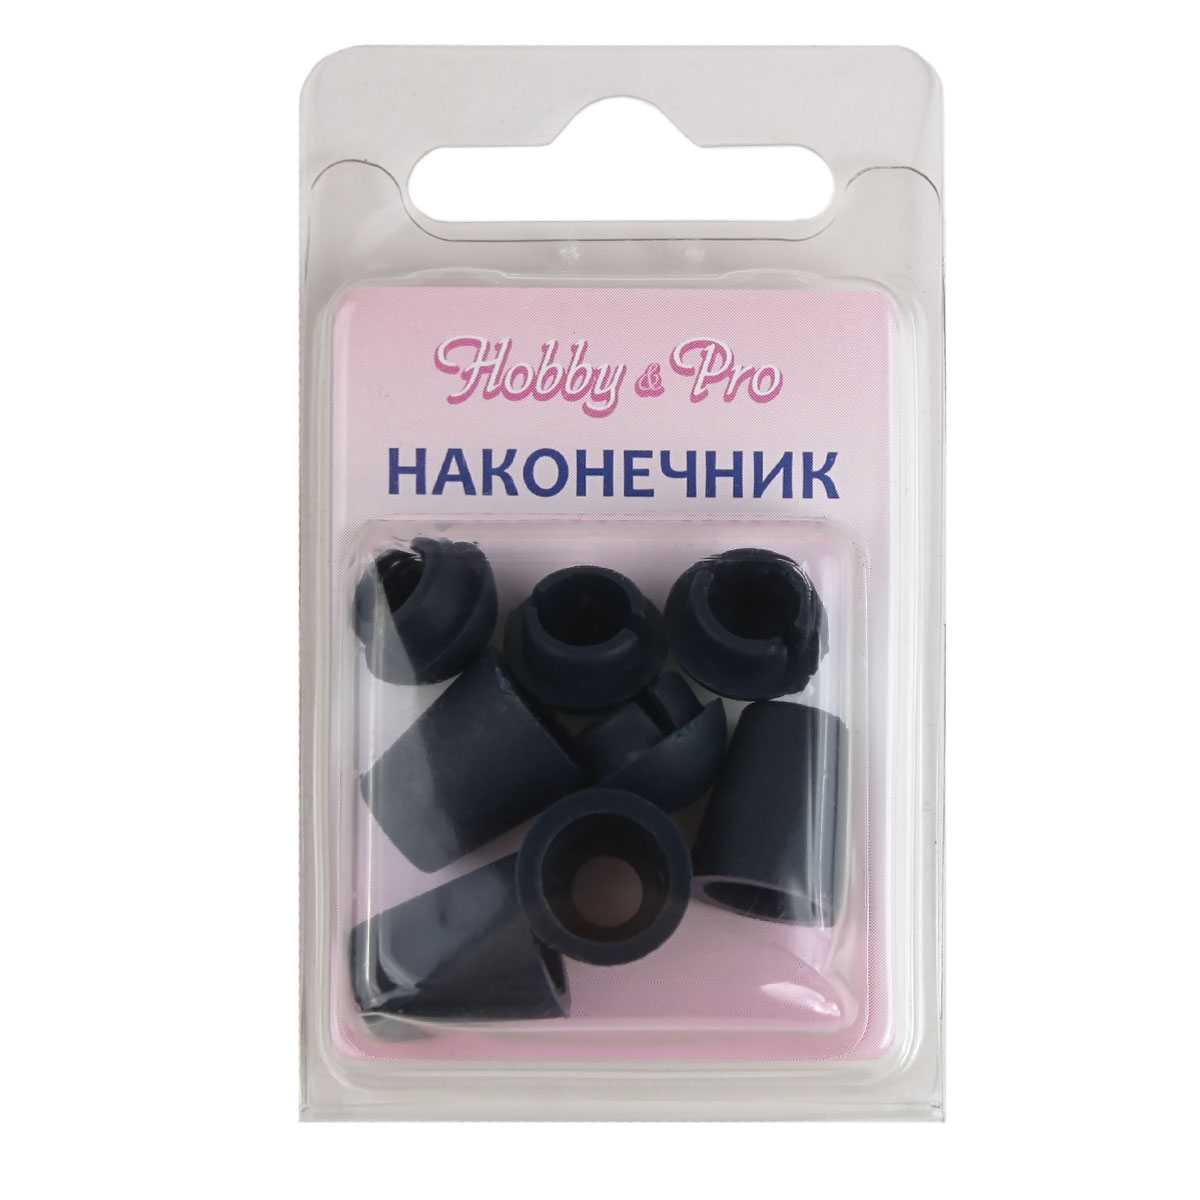 0305-3256 Наконечник 'Колокол' d=4,5/8мм, 13*11мм, 4шт, пластик Hobby&Pro